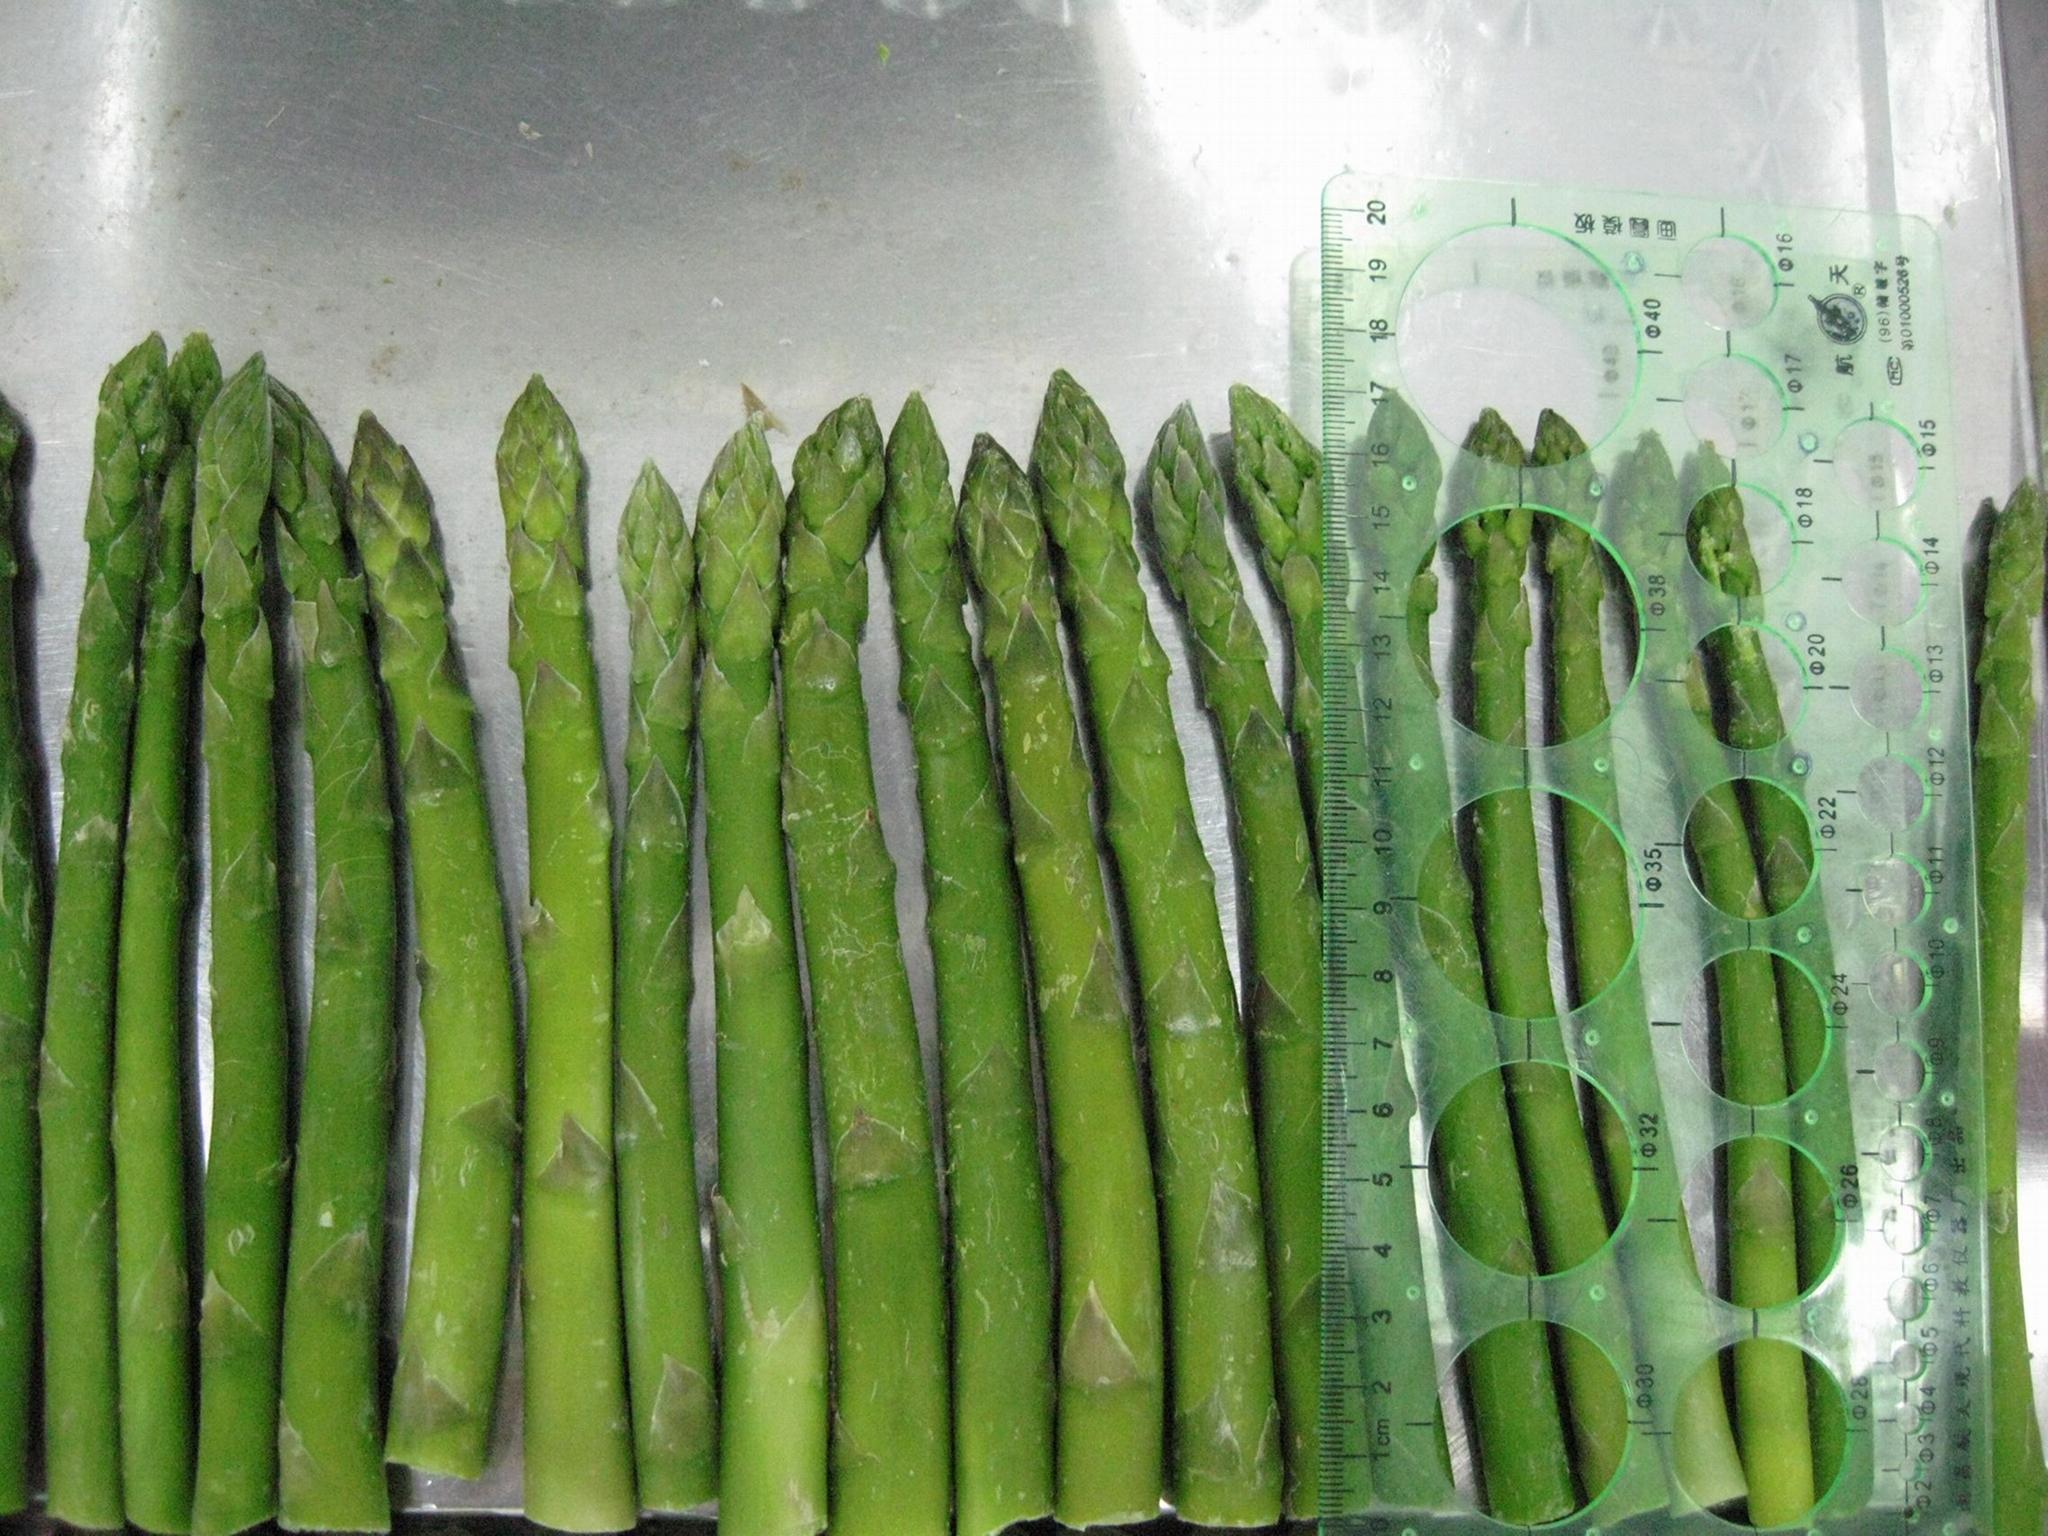 冷凍綠蘆筍尖段,速凍綠蘆筍尖段 13